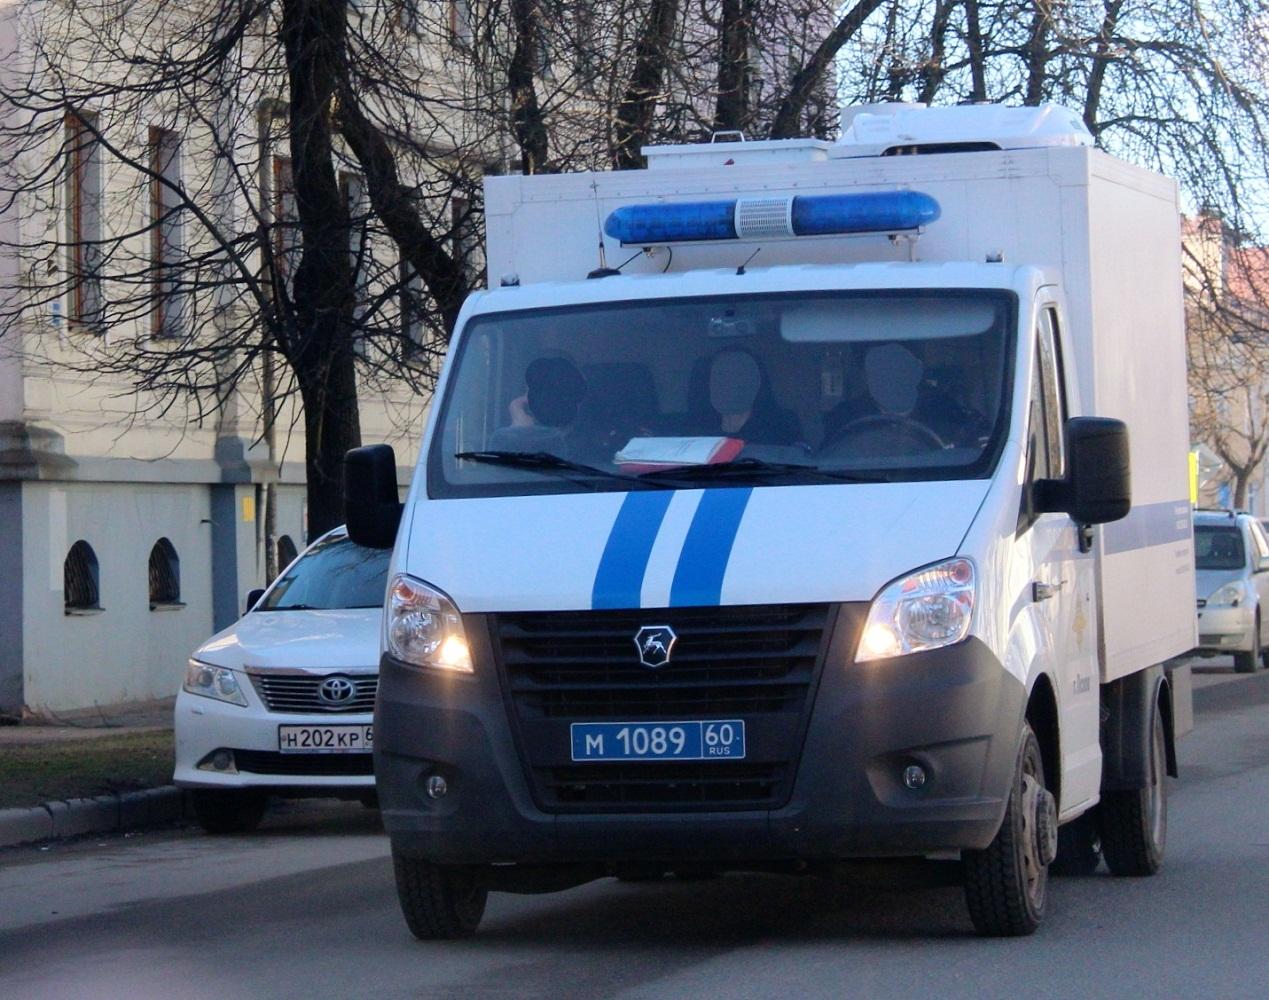 Автозак на шасси ГАЗель-Next #М 1089 60. Псков, улица Карла Маркса